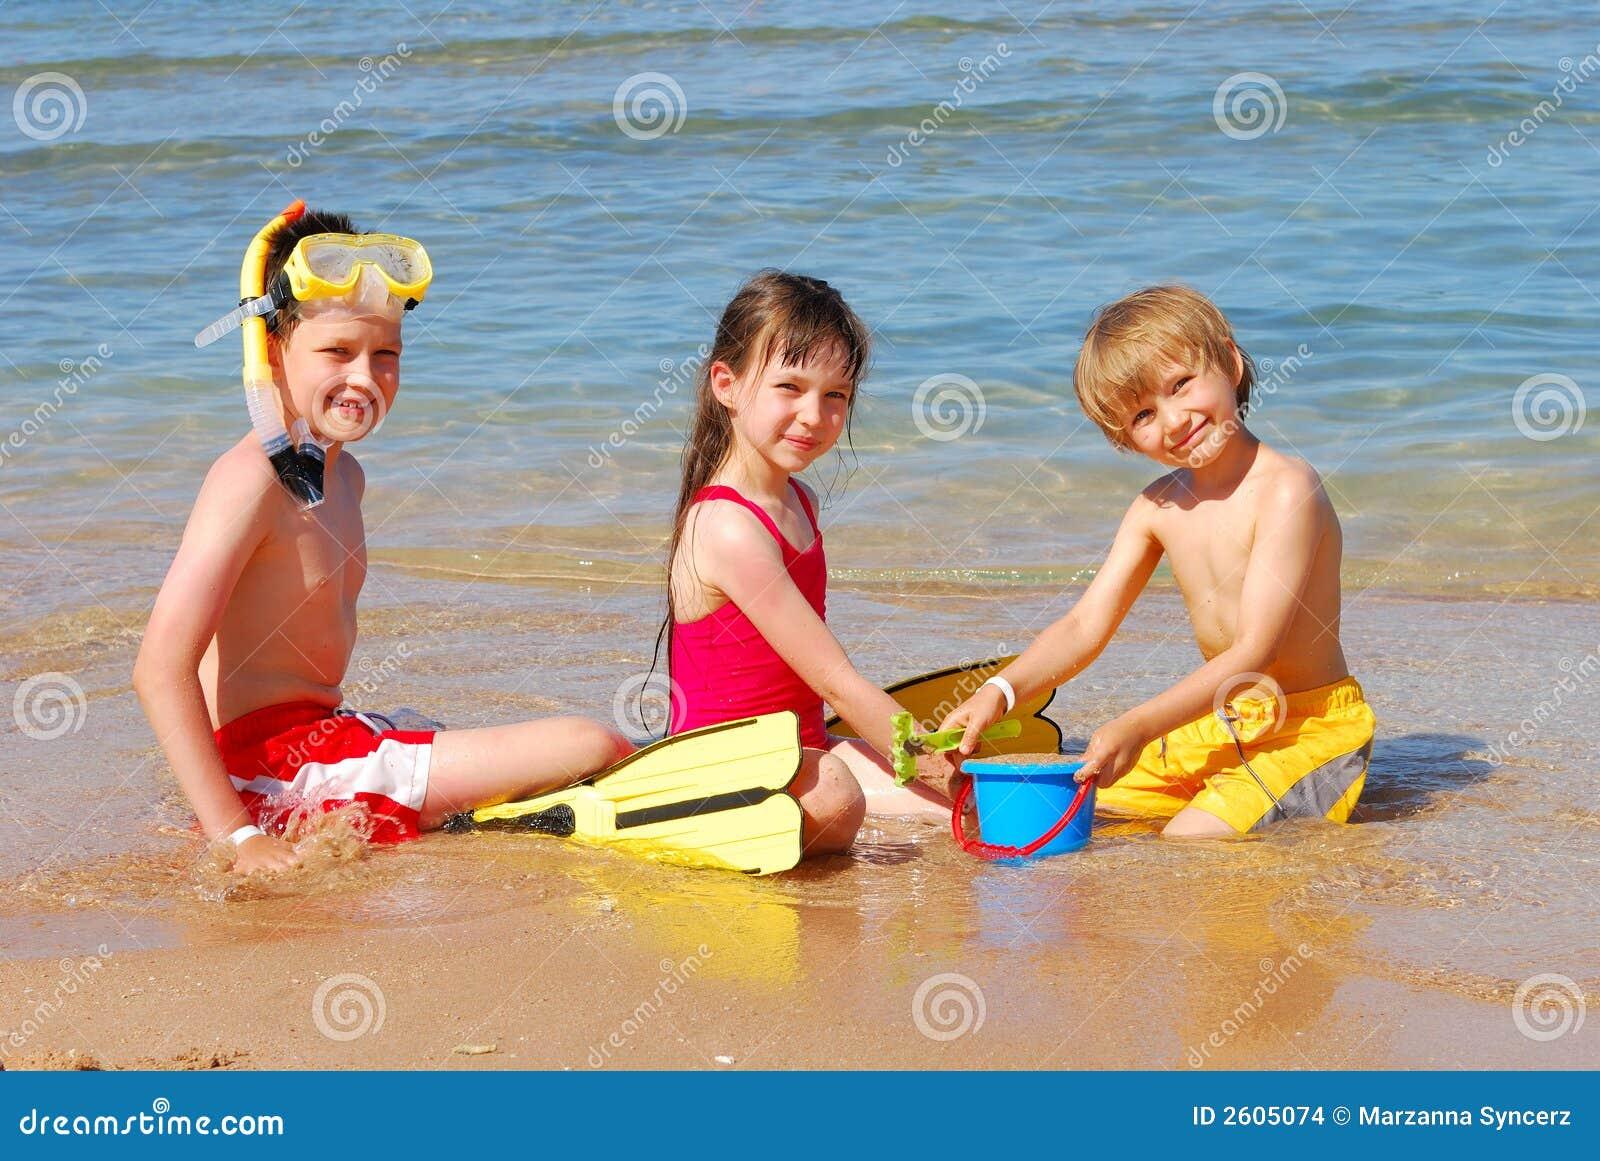 Bambini che giocano alla spiaggia